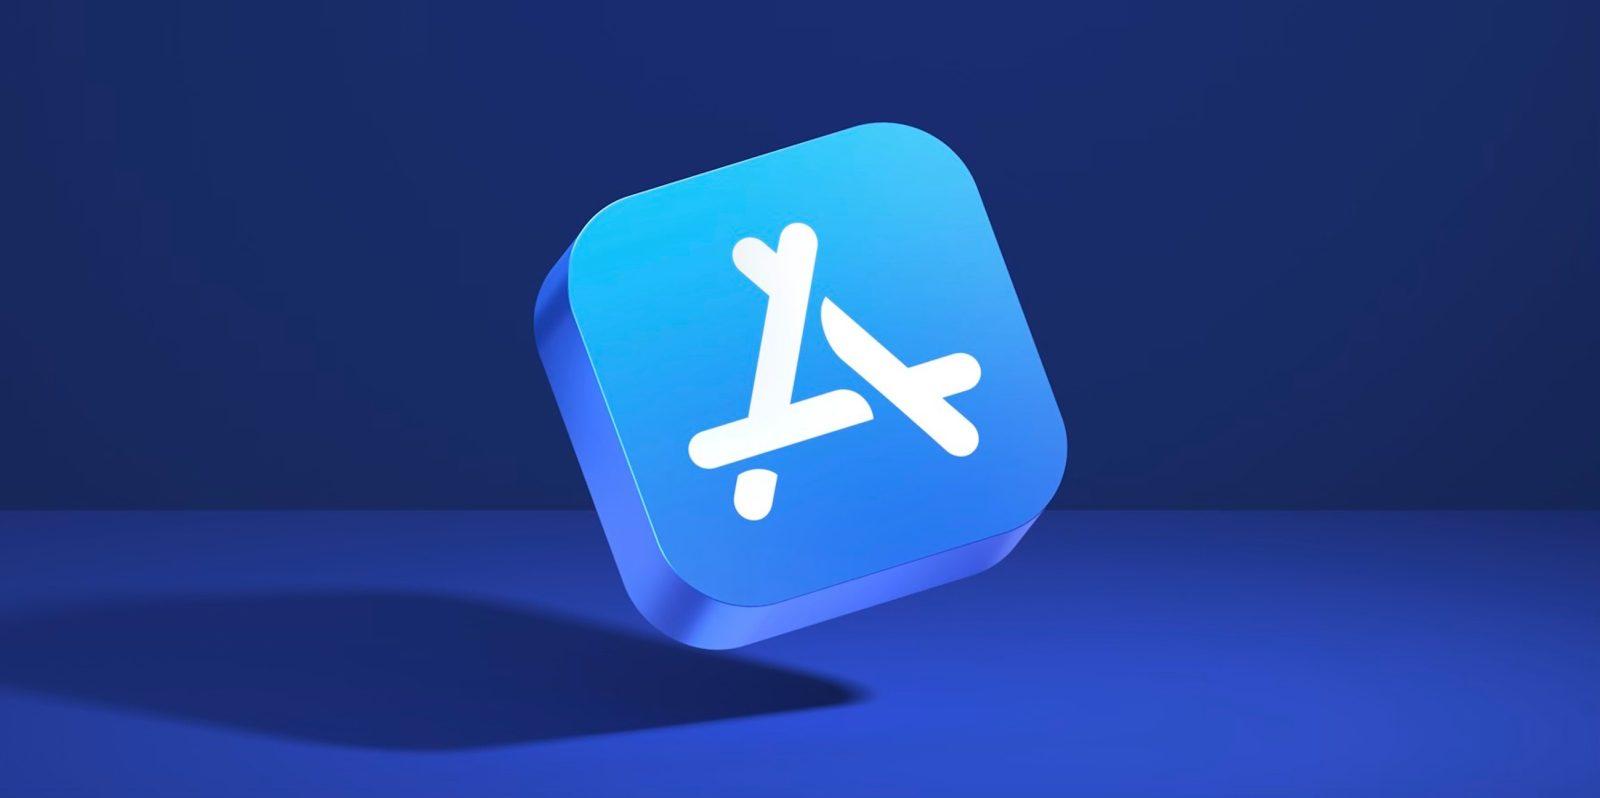 Πιθανή δικαστική μάχη μεταξύ E.E. και Apple για το App Store